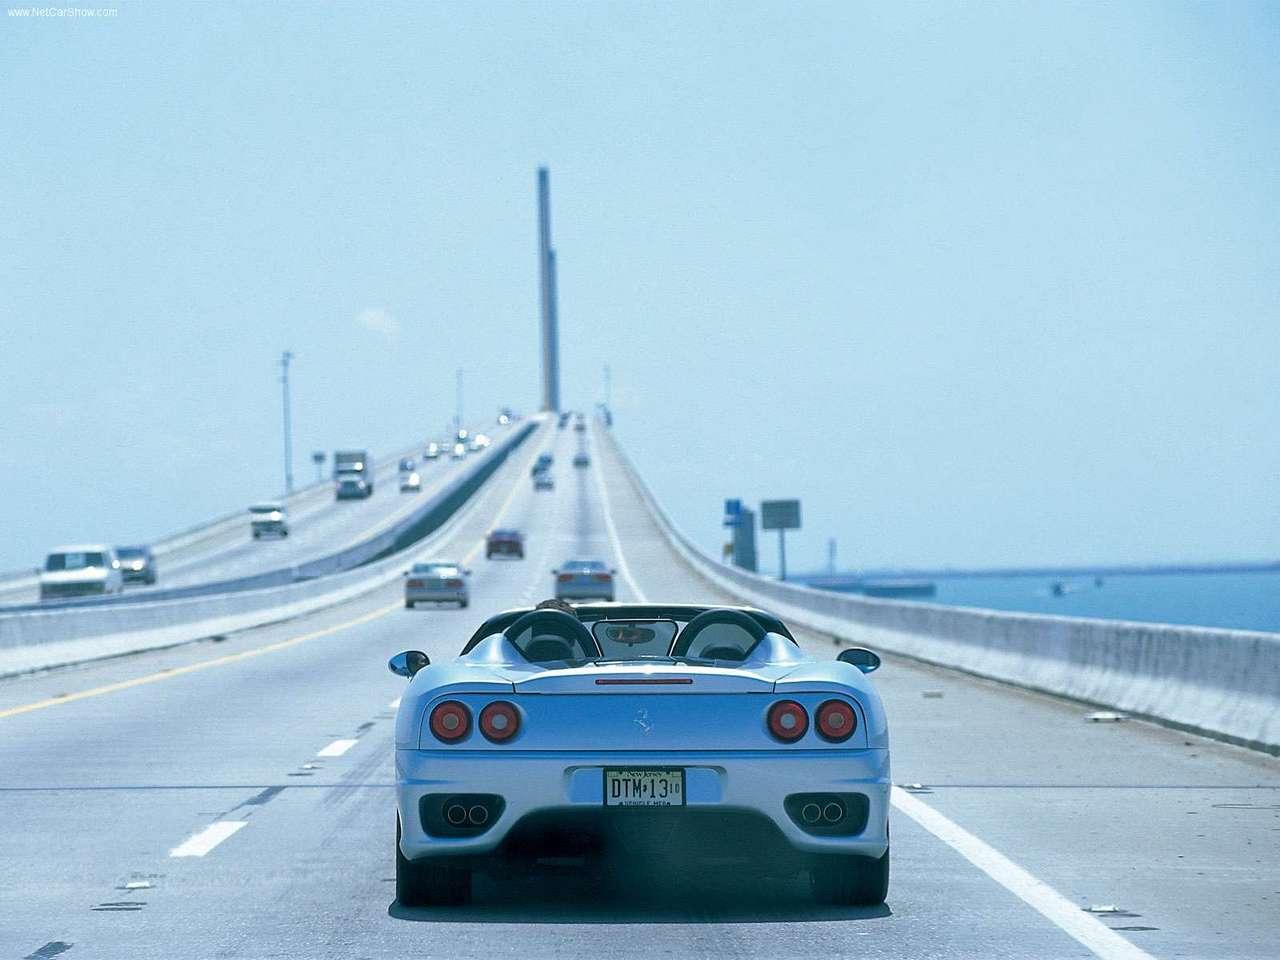 http://4.bp.blogspot.com/-PH6yk0UIbL8/TYwmdtmTDjI/AAAAAAAADUo/QPyxa8QH_Bs/s1600/Ferrari-360_Spider_2001_1280x960_wallpaper_08.jpg